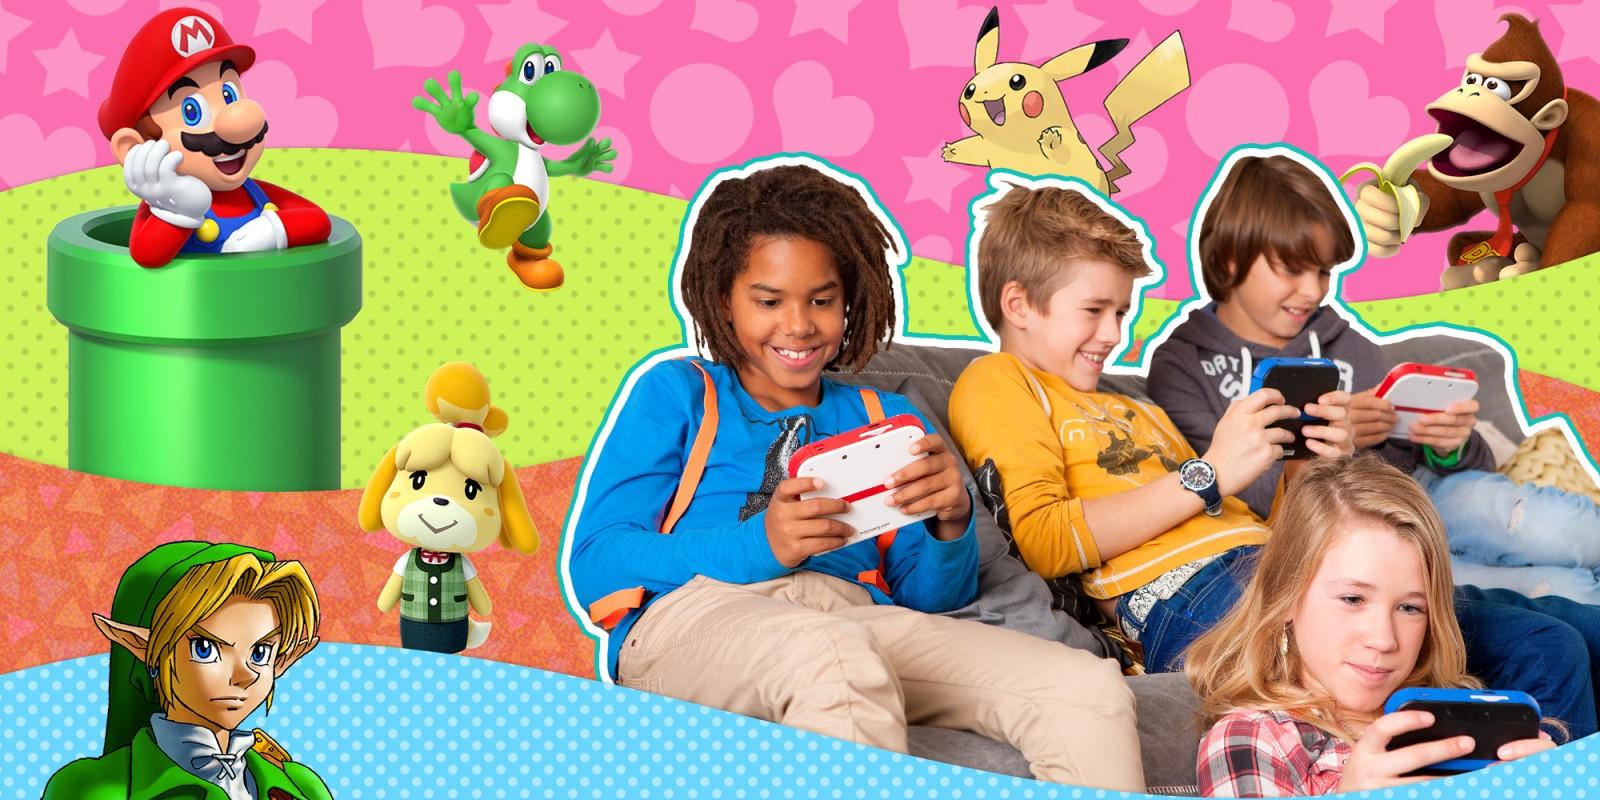 Jeux Nintendo Pour Les Enfants | Nintendo à Jeux Gratuit Pour Bebe